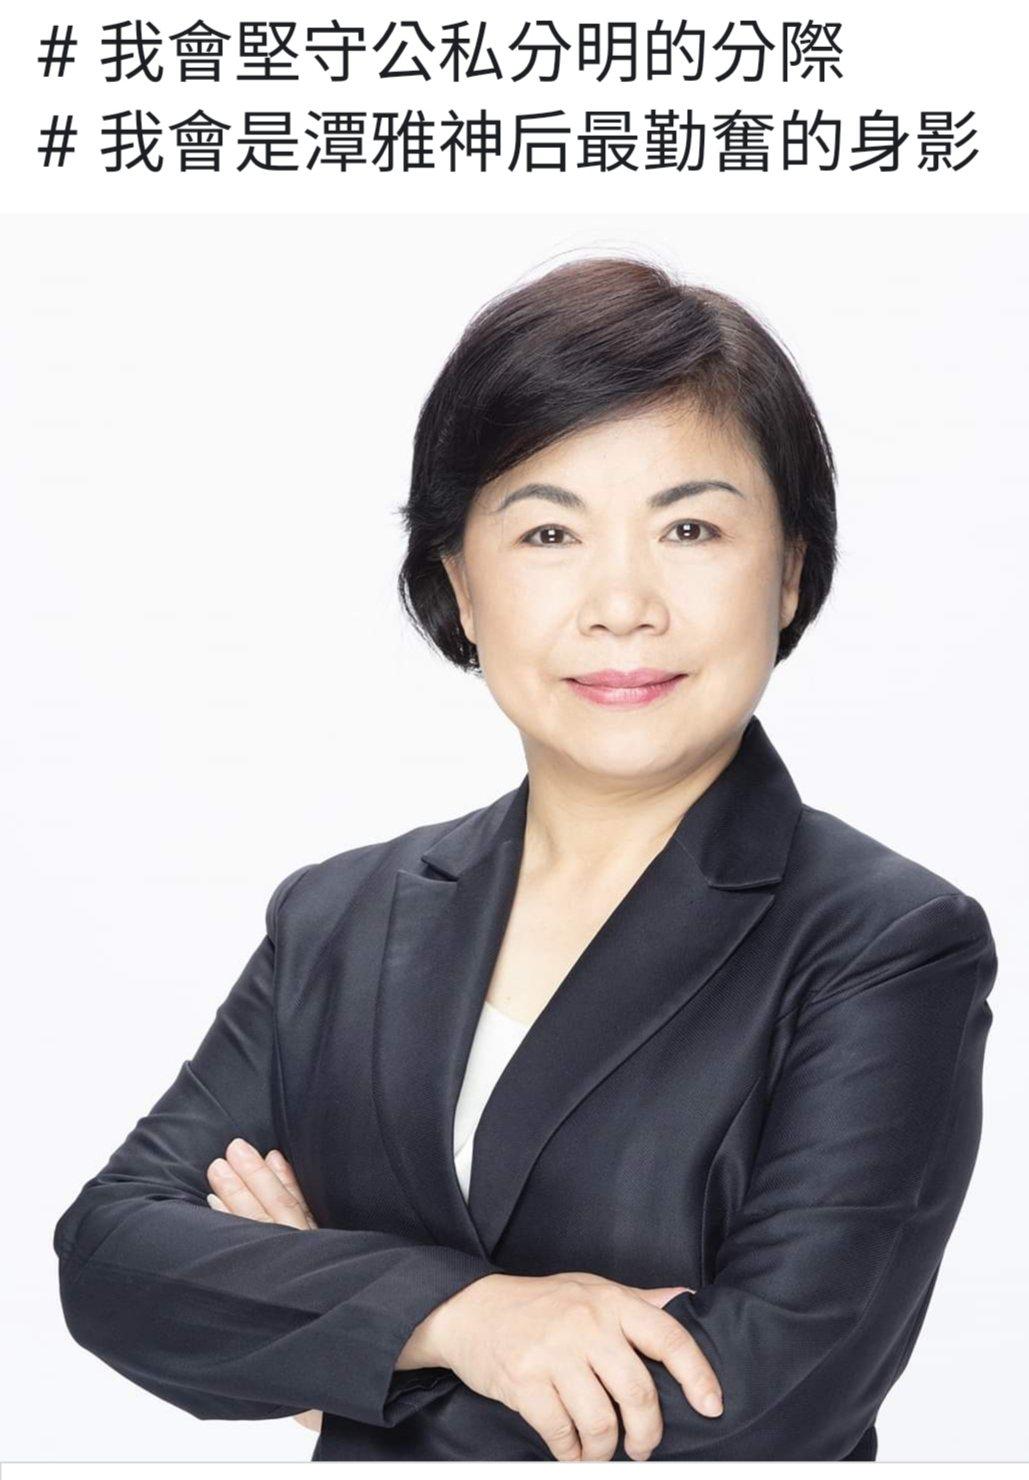 台中市副市長楊瓊瓔今晚在臉書說明接受徵召選立委。圖/取自楊瓊瓔臉書